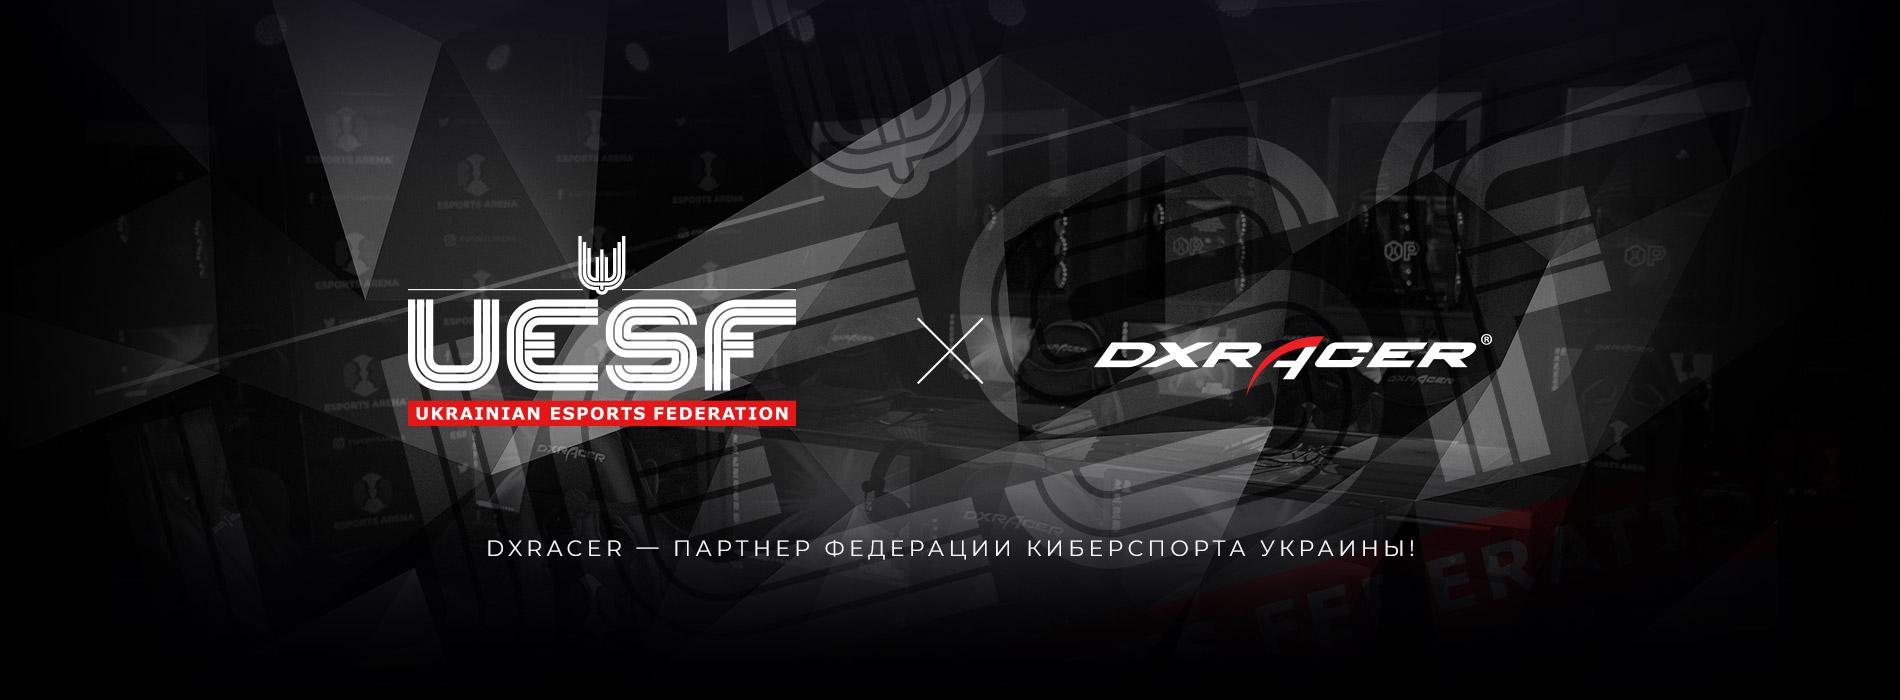 DXRacer заключил партнерское соглашение с Федерацией киберспорта Украины UESF!